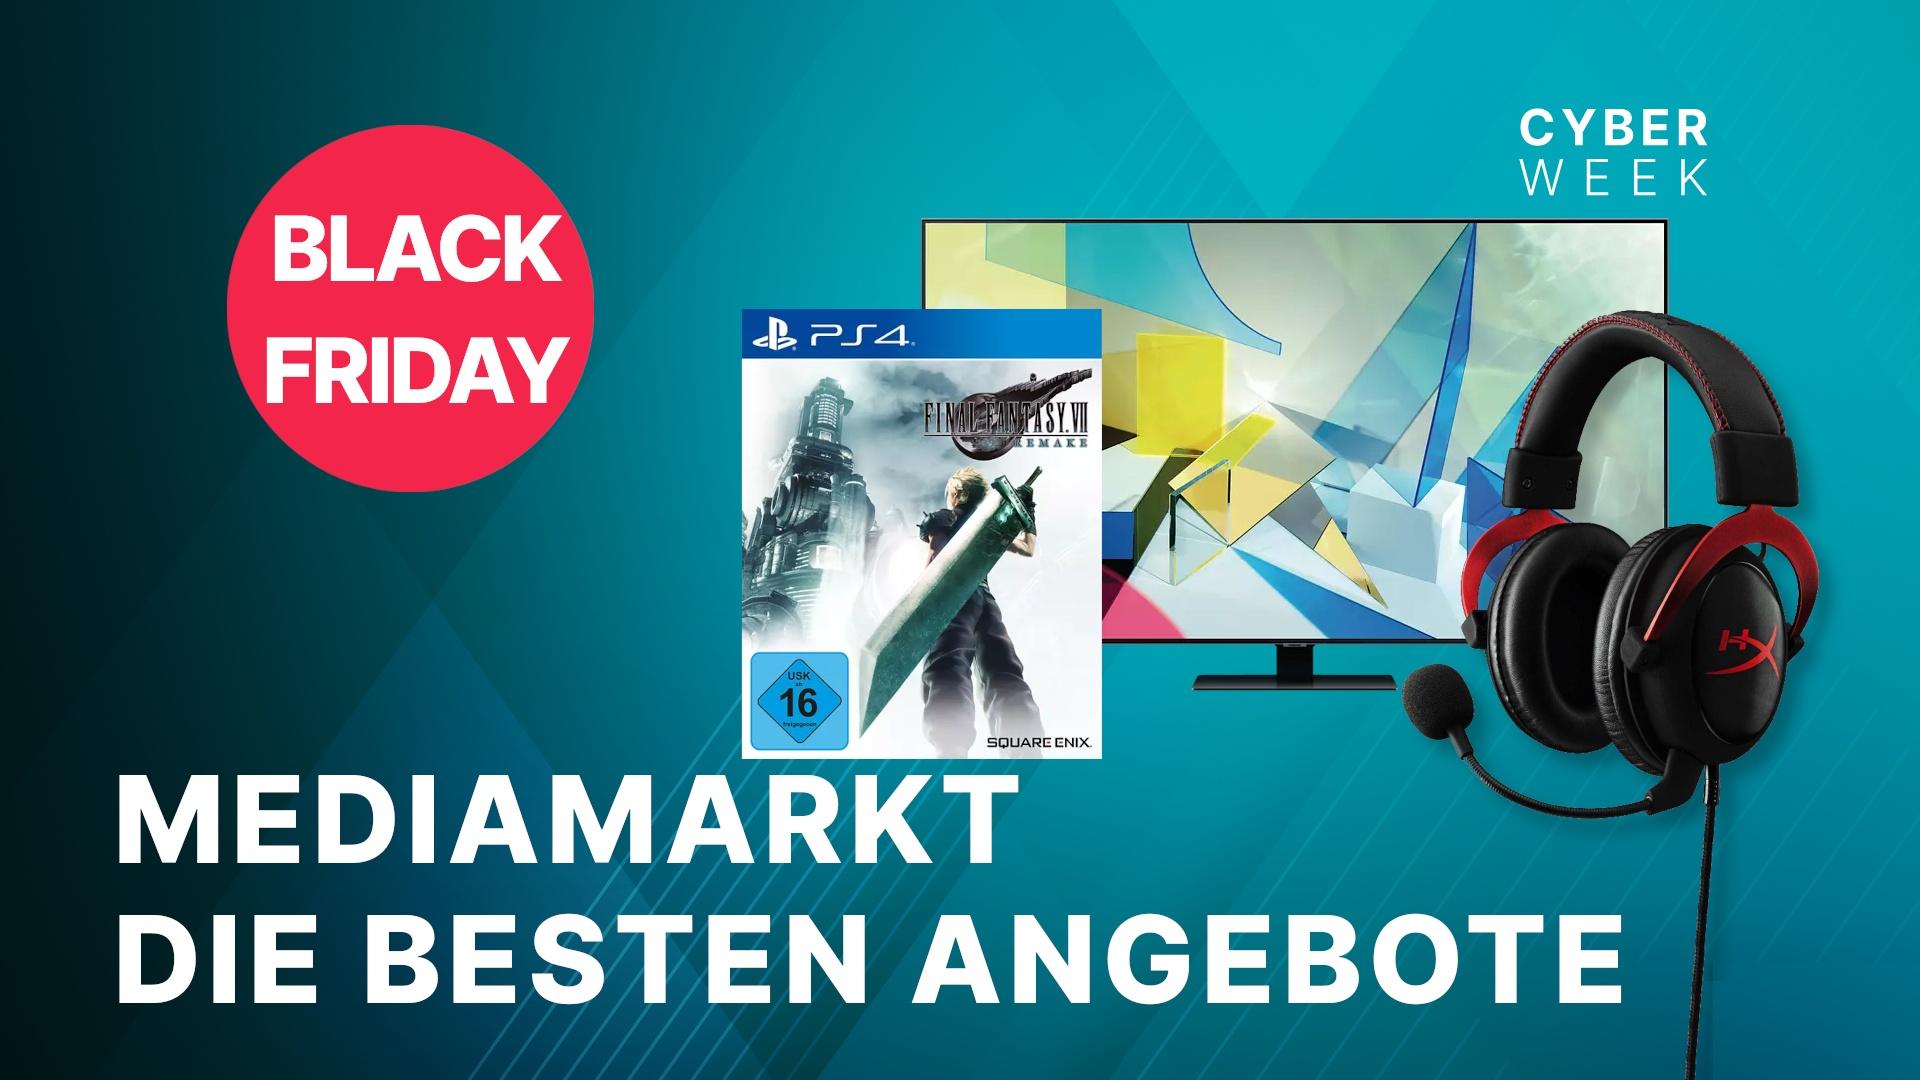 Black Friday Beste Angebote